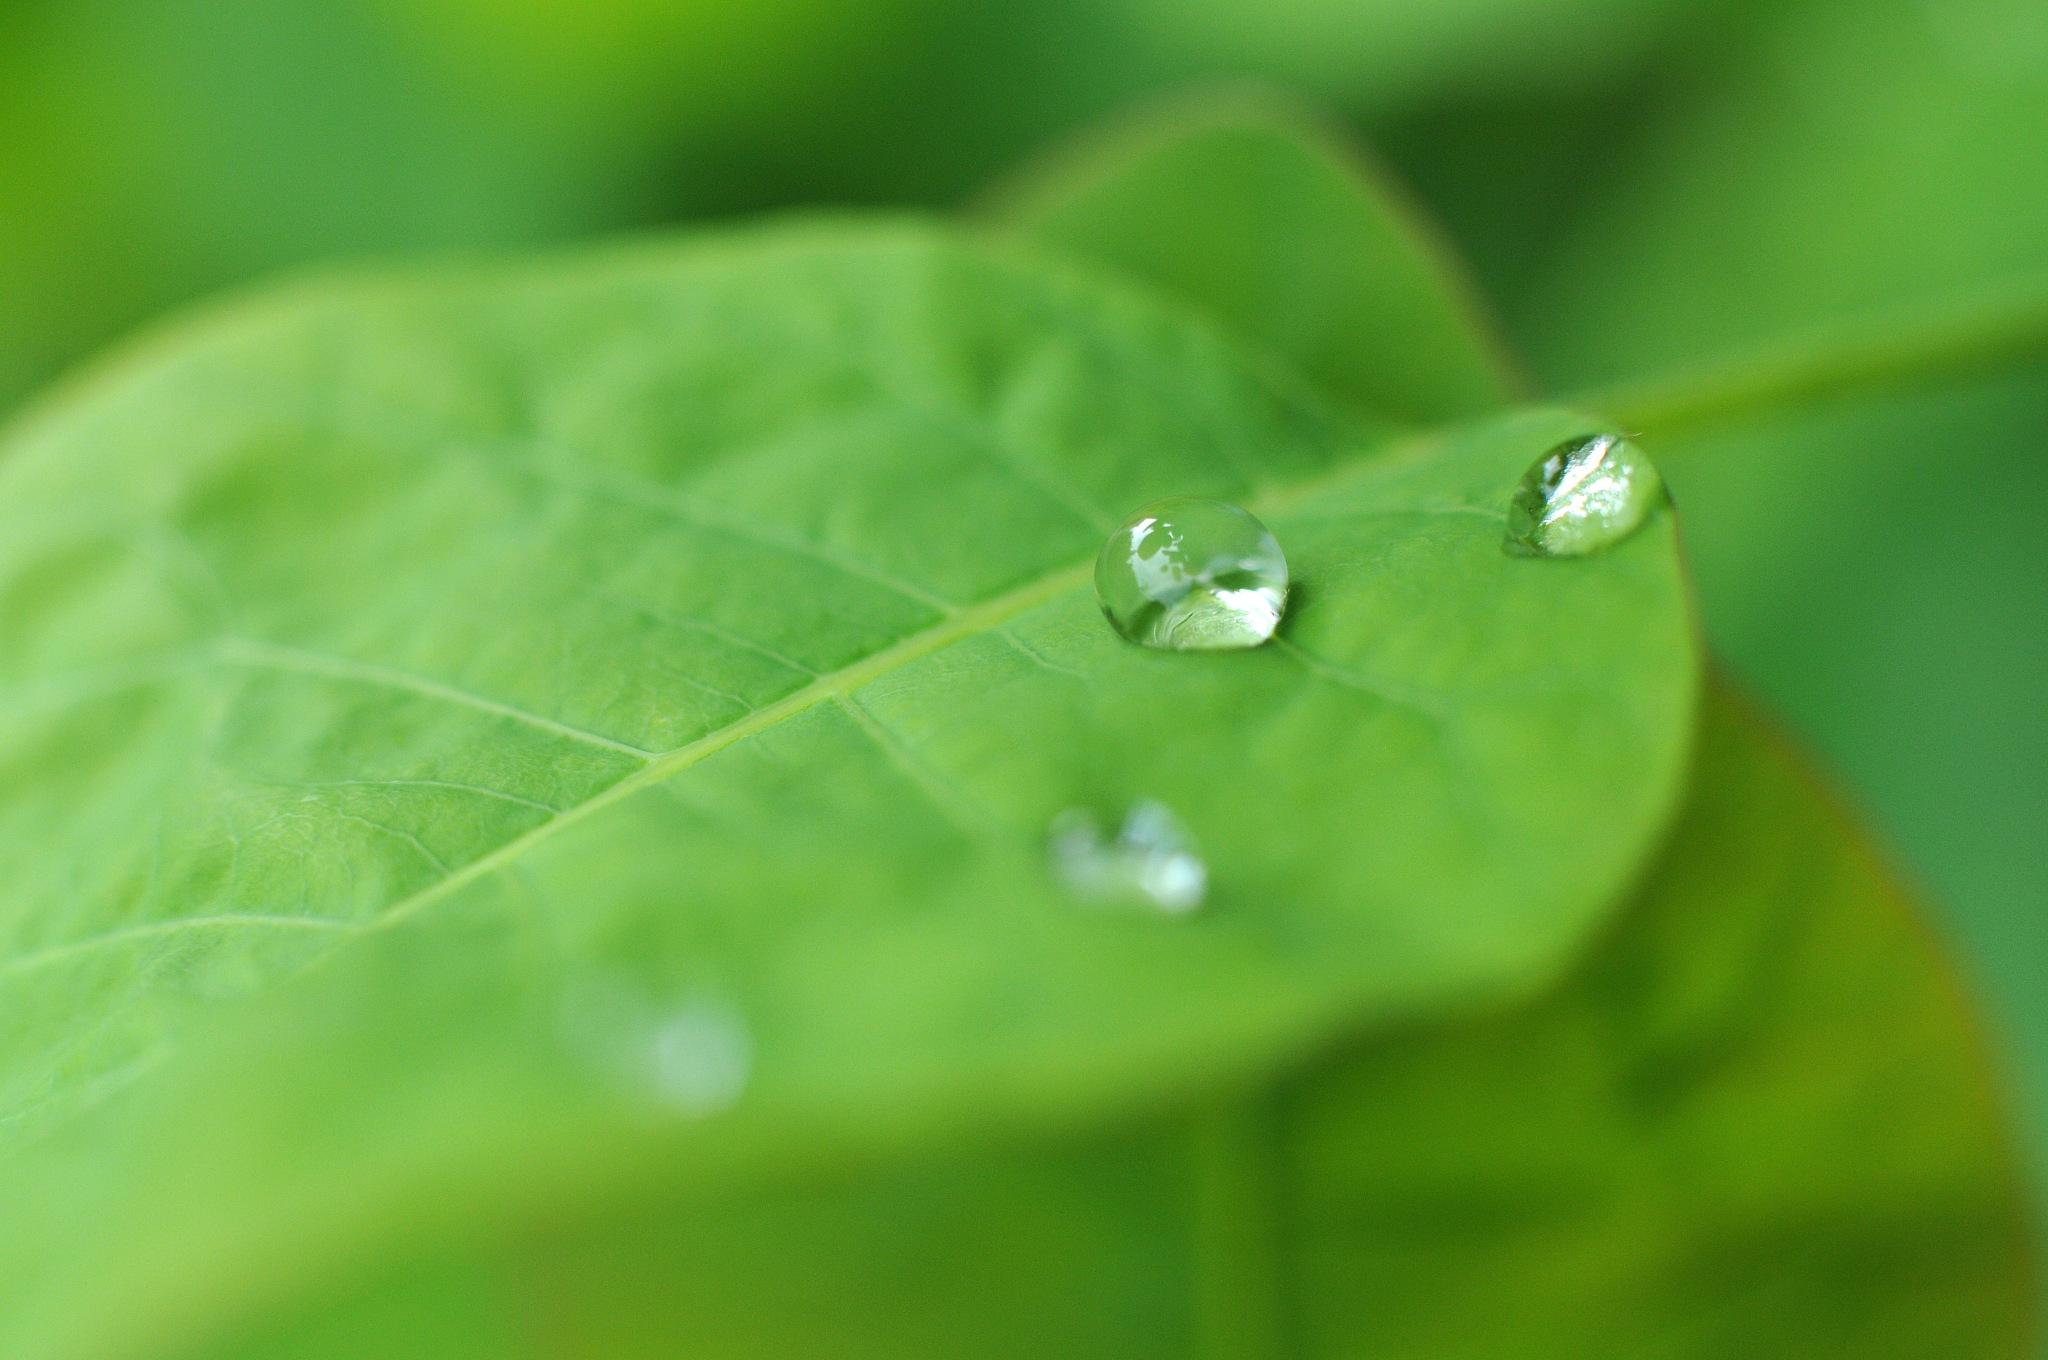 Green Tears by JeanGregoireMarin